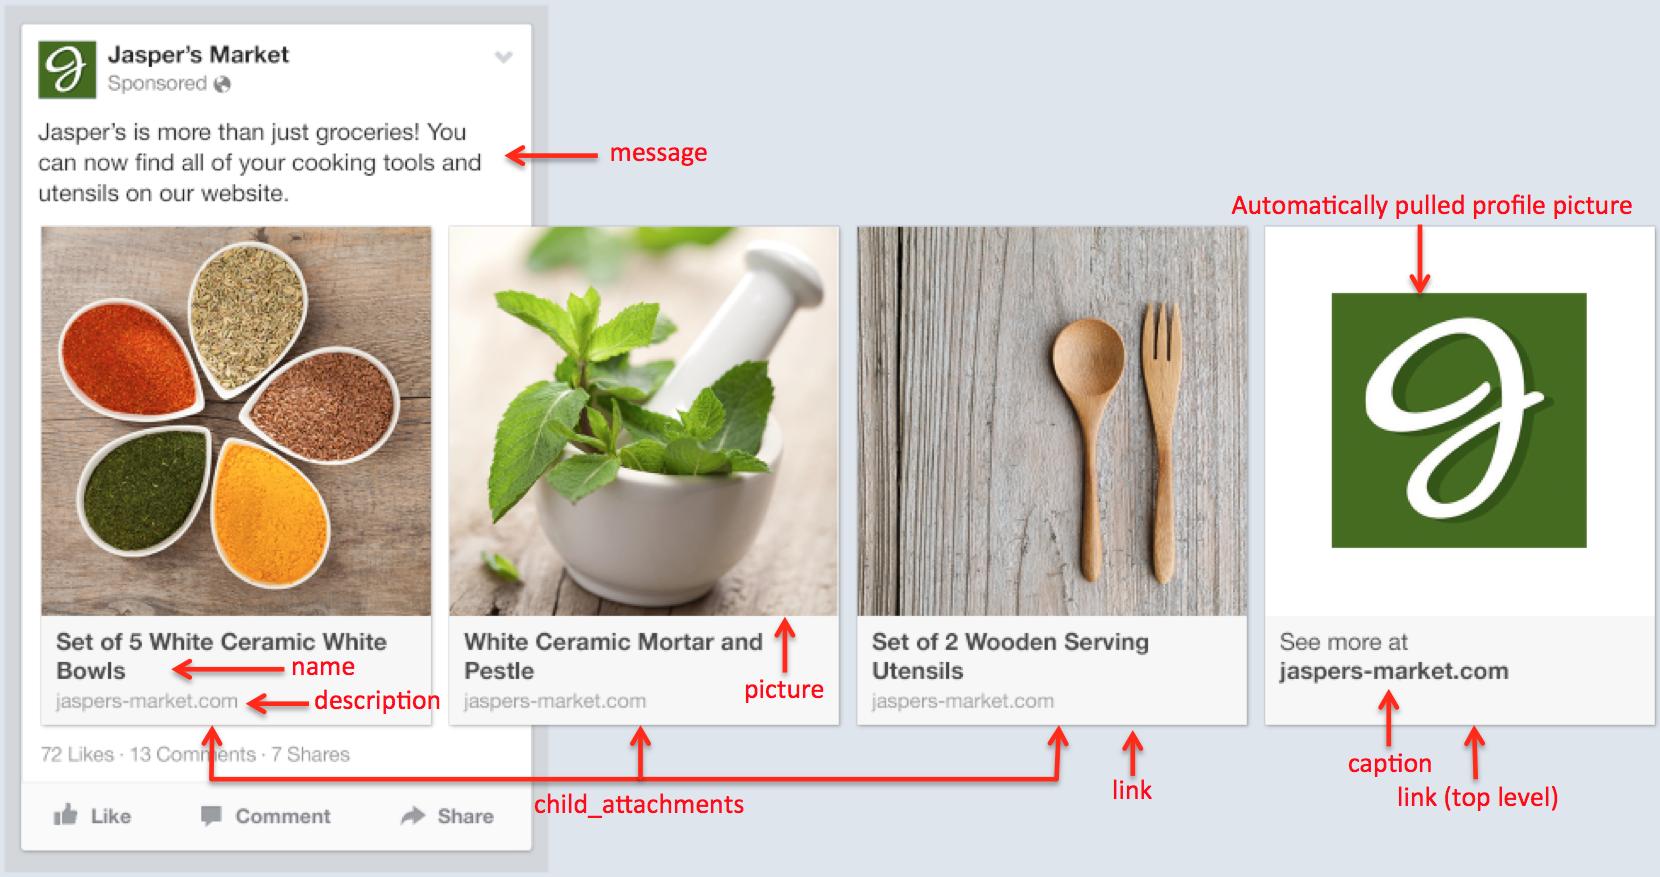 Tạo quảng cáo Multi - Product với ý nghĩa về các vị trí cần nhớ